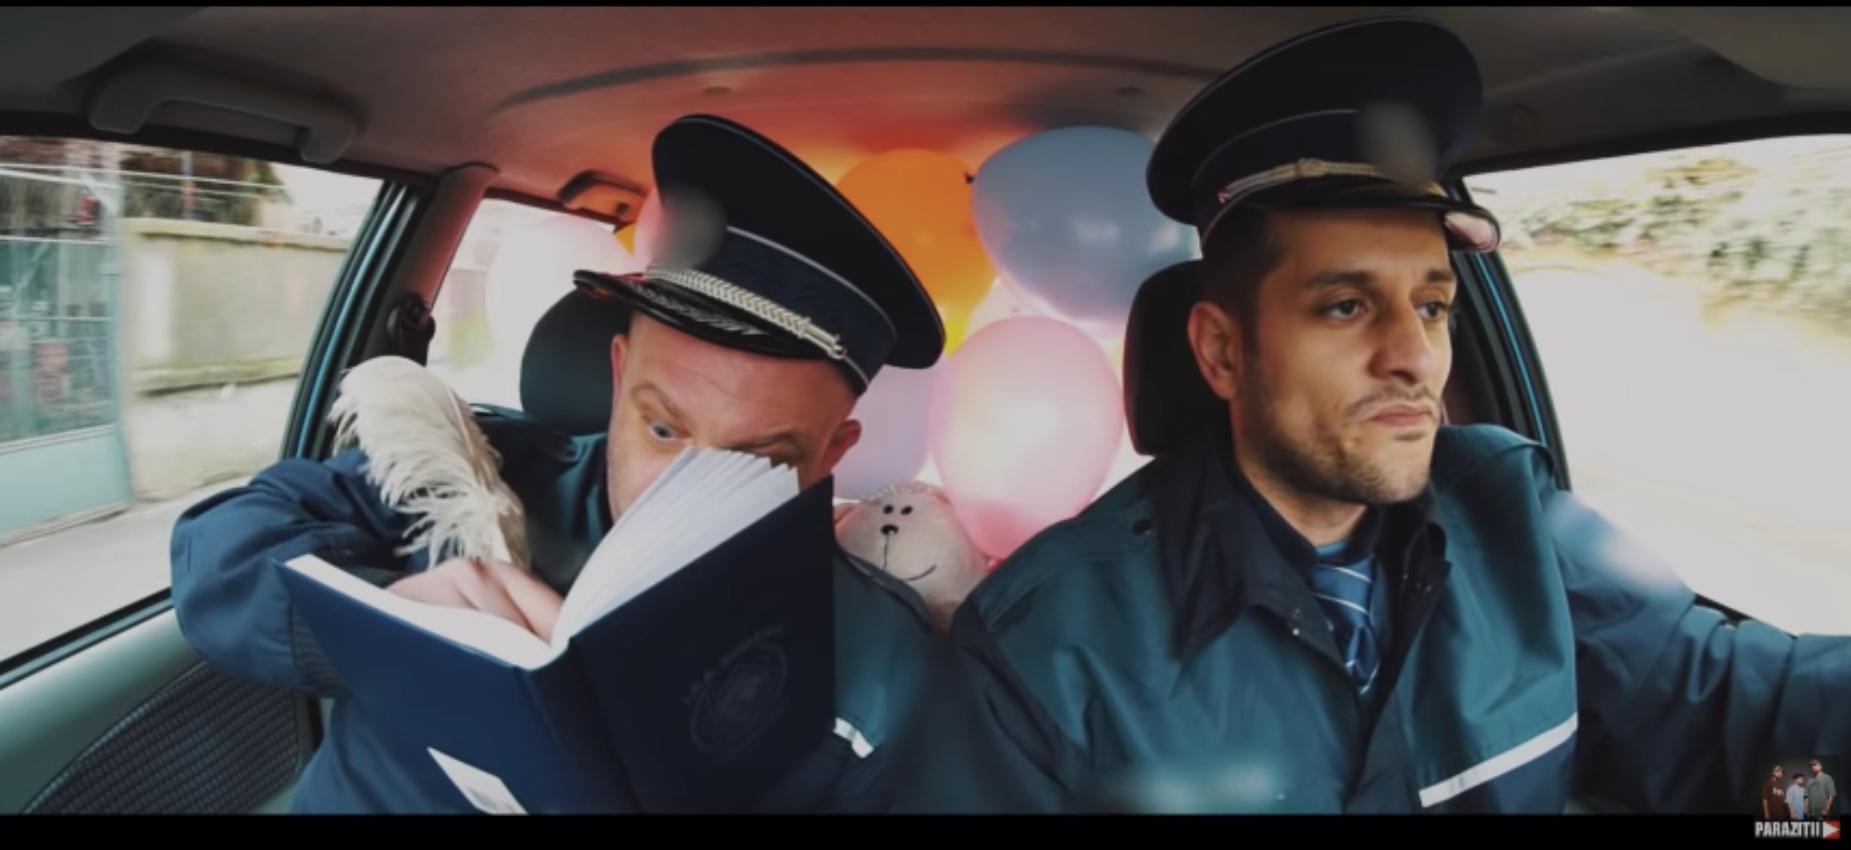 Parazitii fac misto de Politia Rutiera in cel mai nou videoclip